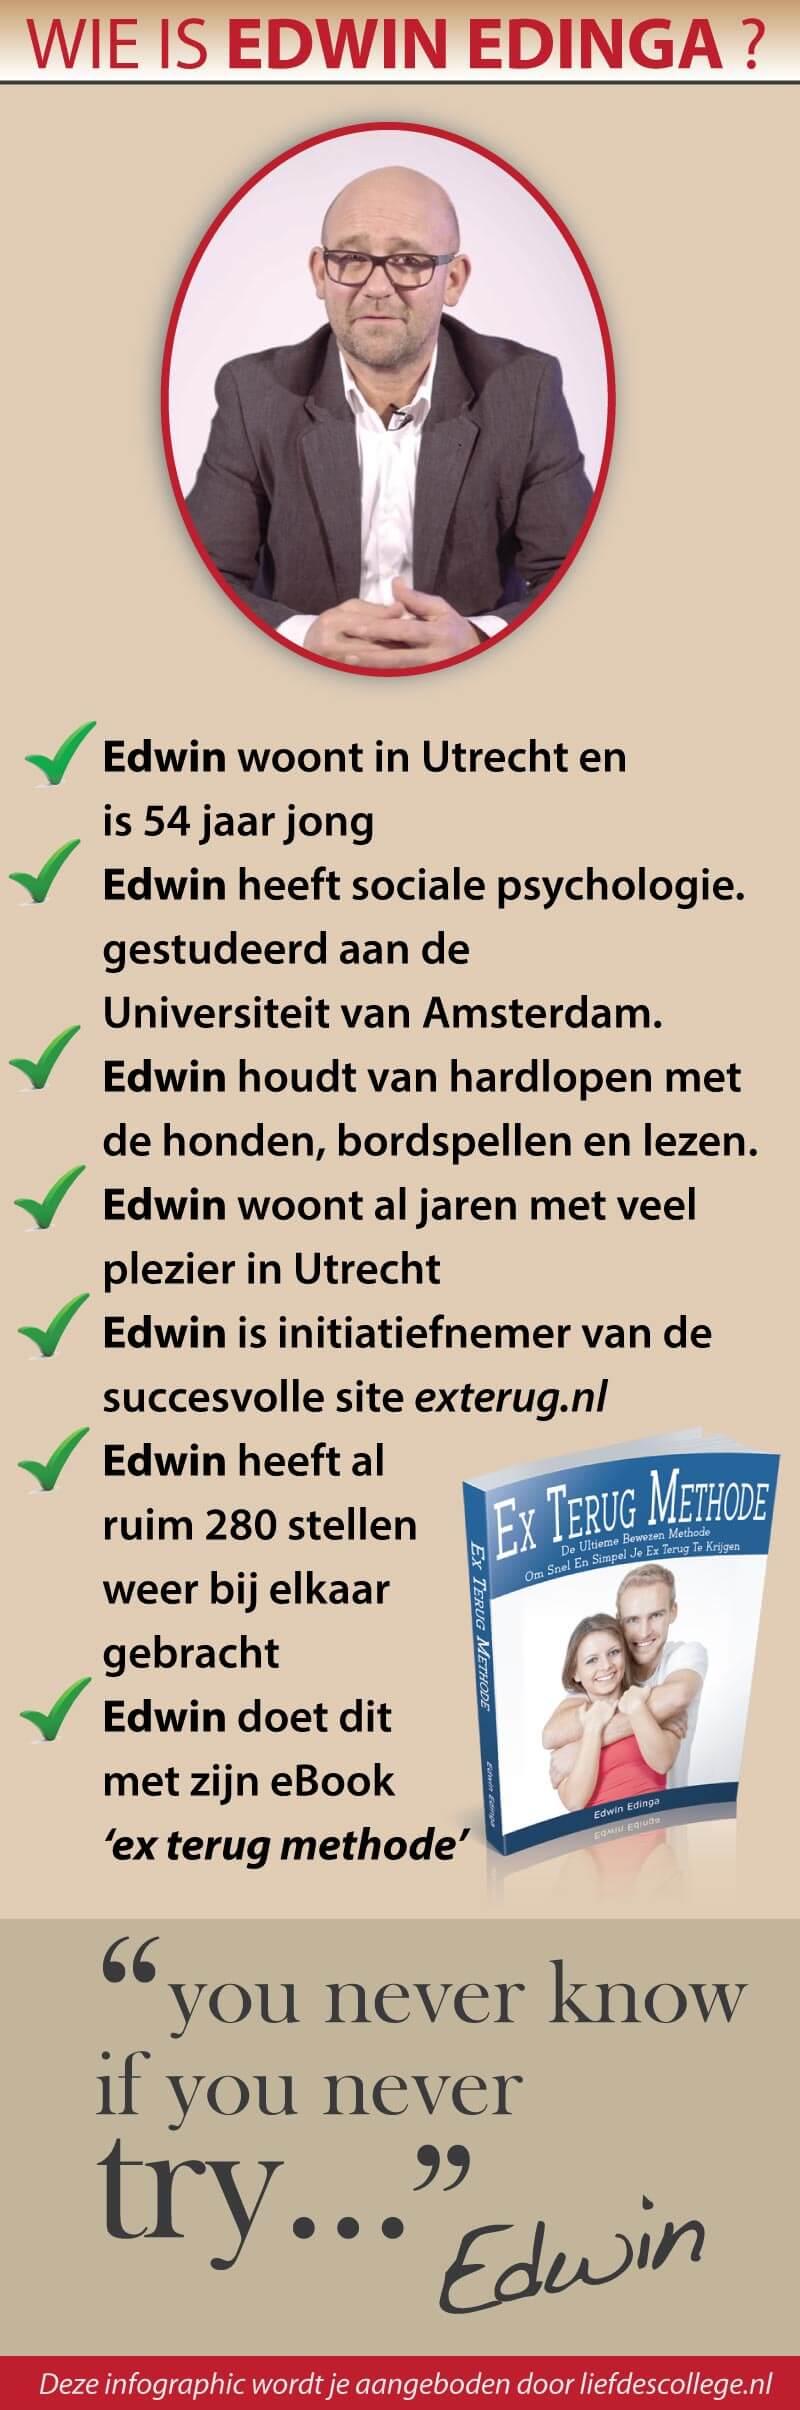 edwin-edinga